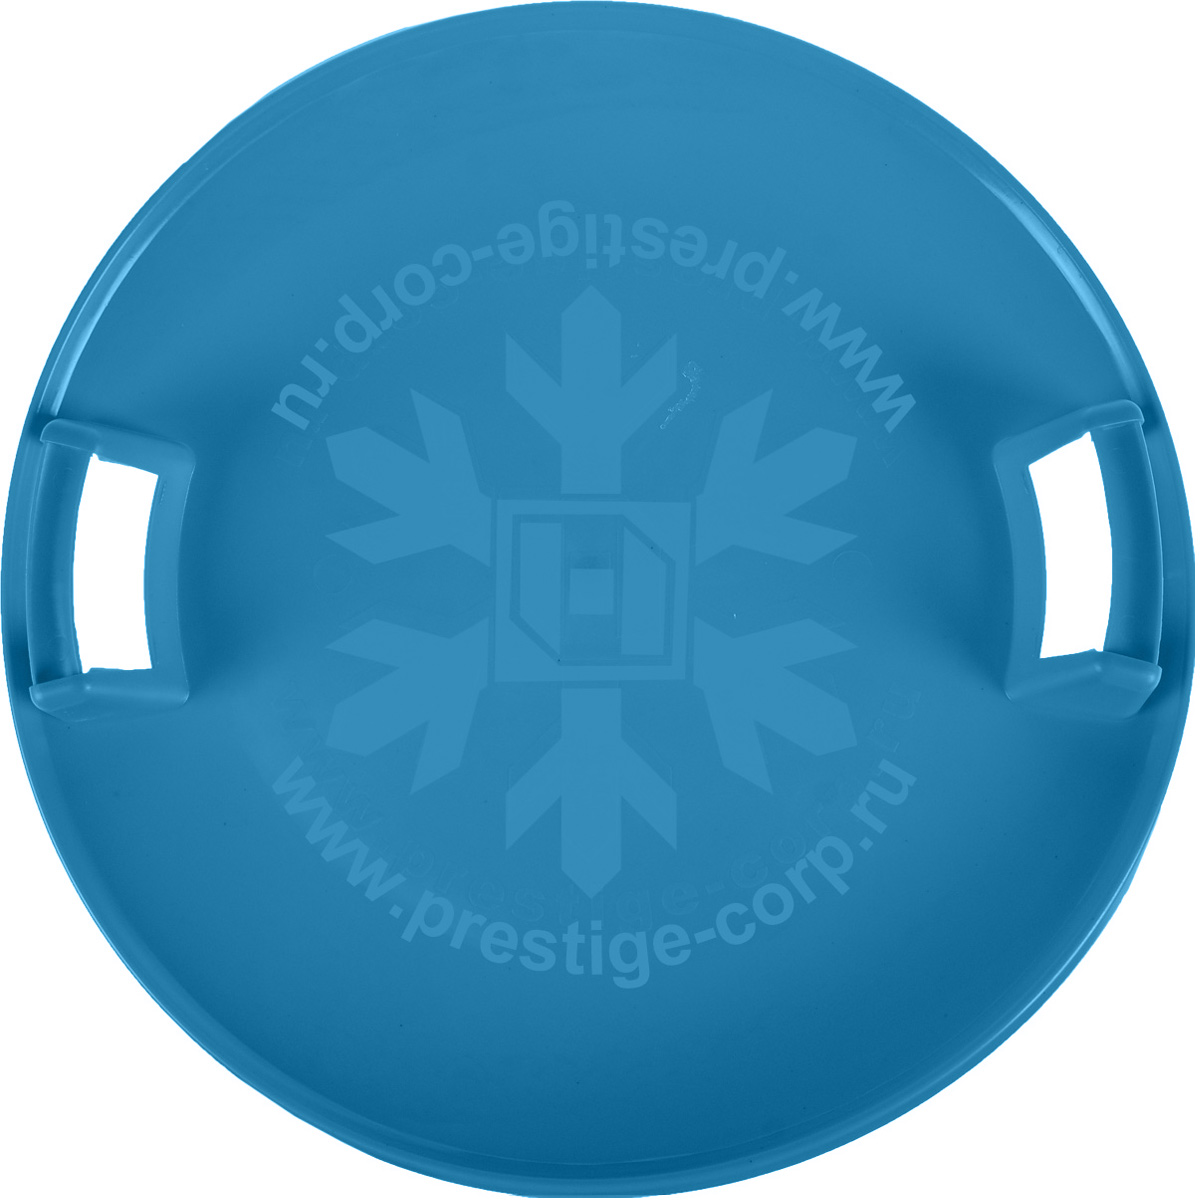 Санки-ледянки Престиж Экстрим, с пластиковыми ручками, цвет: голубой, диаметр 58 смХот ШейперсЛюбимая детская зимняя забава - это катание с горки. Яркие санки-ледянки Престиж Экстрим станут незаменимым атрибутом этой веселой детской игры. Санки-ледянки Престиж Экстрим - это специальная пластиковая тарелка, облегчающая скольжение и увеличивающая скорость движения по горке. Круглая ледянка выполнена из прочного морозоустойчивого пластика и снабжена двумя удобными пластиковыми ручками, чтобы катание вашего ребенка было безопасным. Отличная скорость, прочный материал и спуск, который можно закончить сидя спиной к низу горки - вот что может предоставить это изделие! Благодаря малому весу, ледянку, в отличие от обычных санок, легко нести с собой даже ребенку.